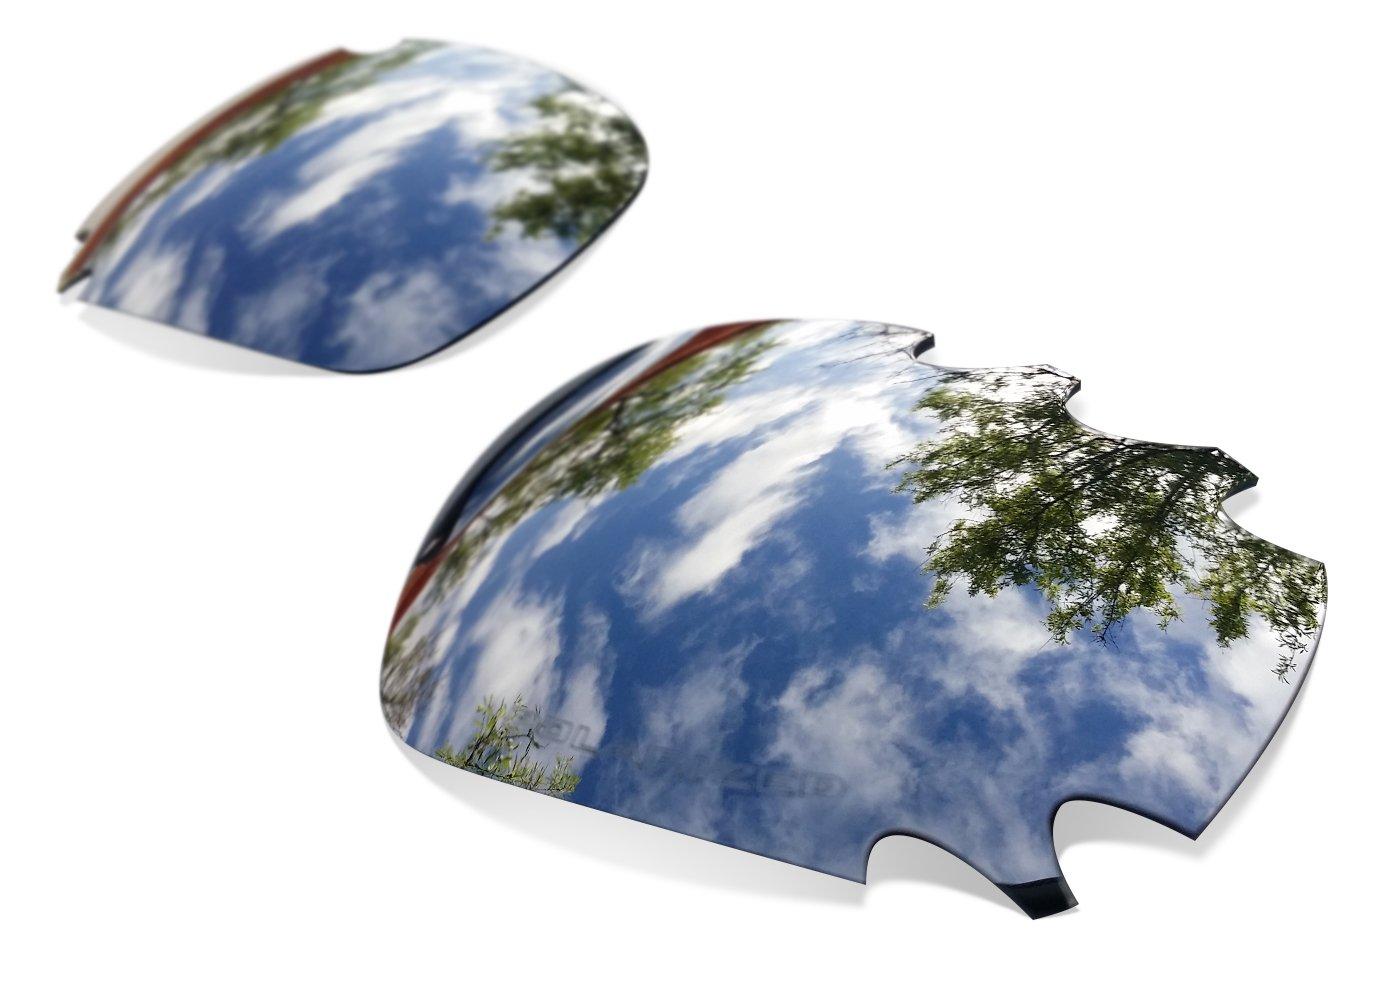 Lentes de Recambio Polarizadas Black Iridium para Oakley Racing Jacket Ventilada | Sunglasses Restor...